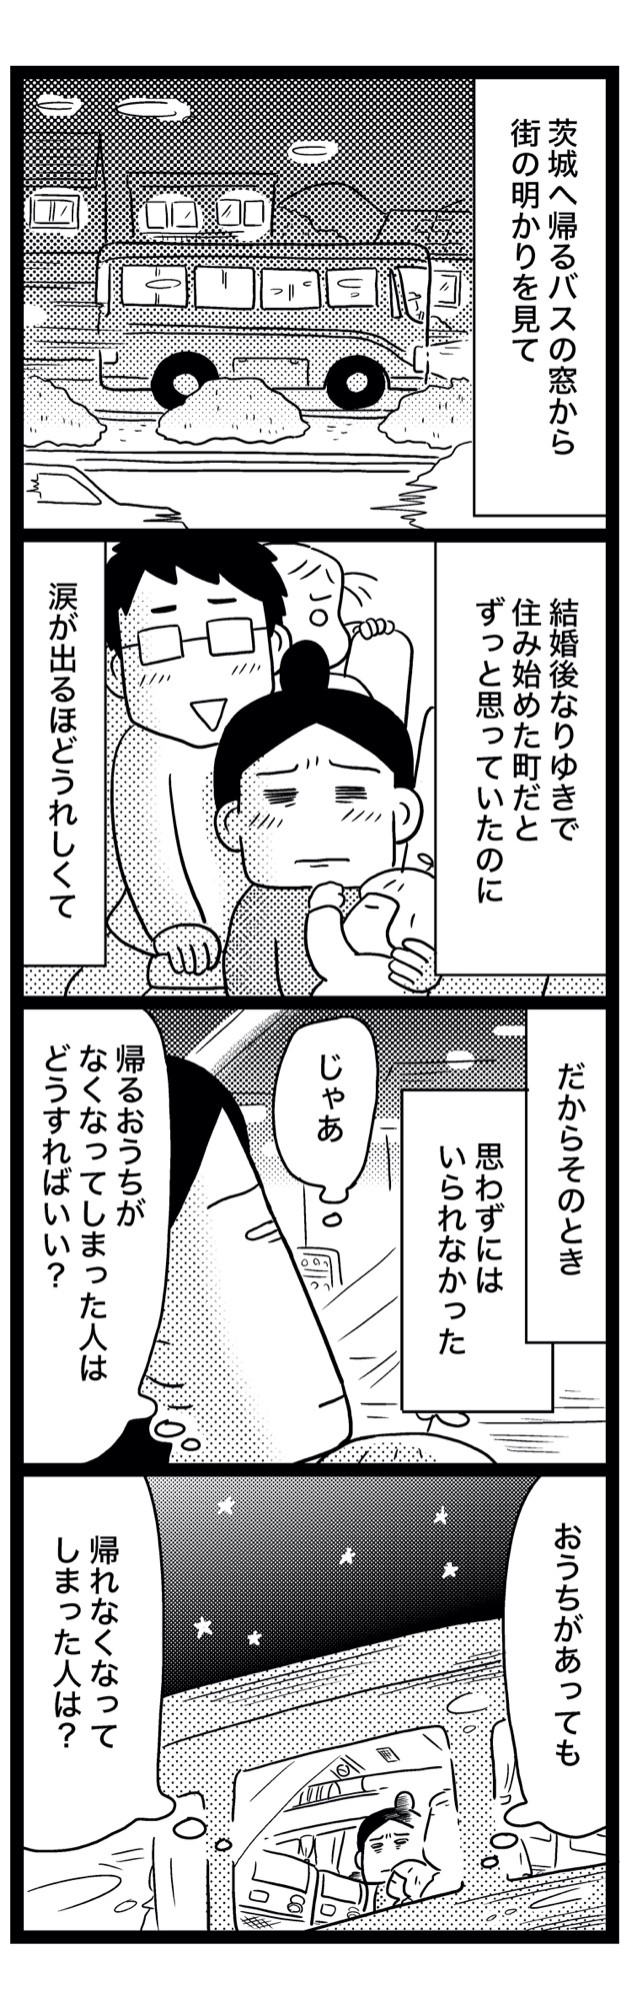 sinsai8-4